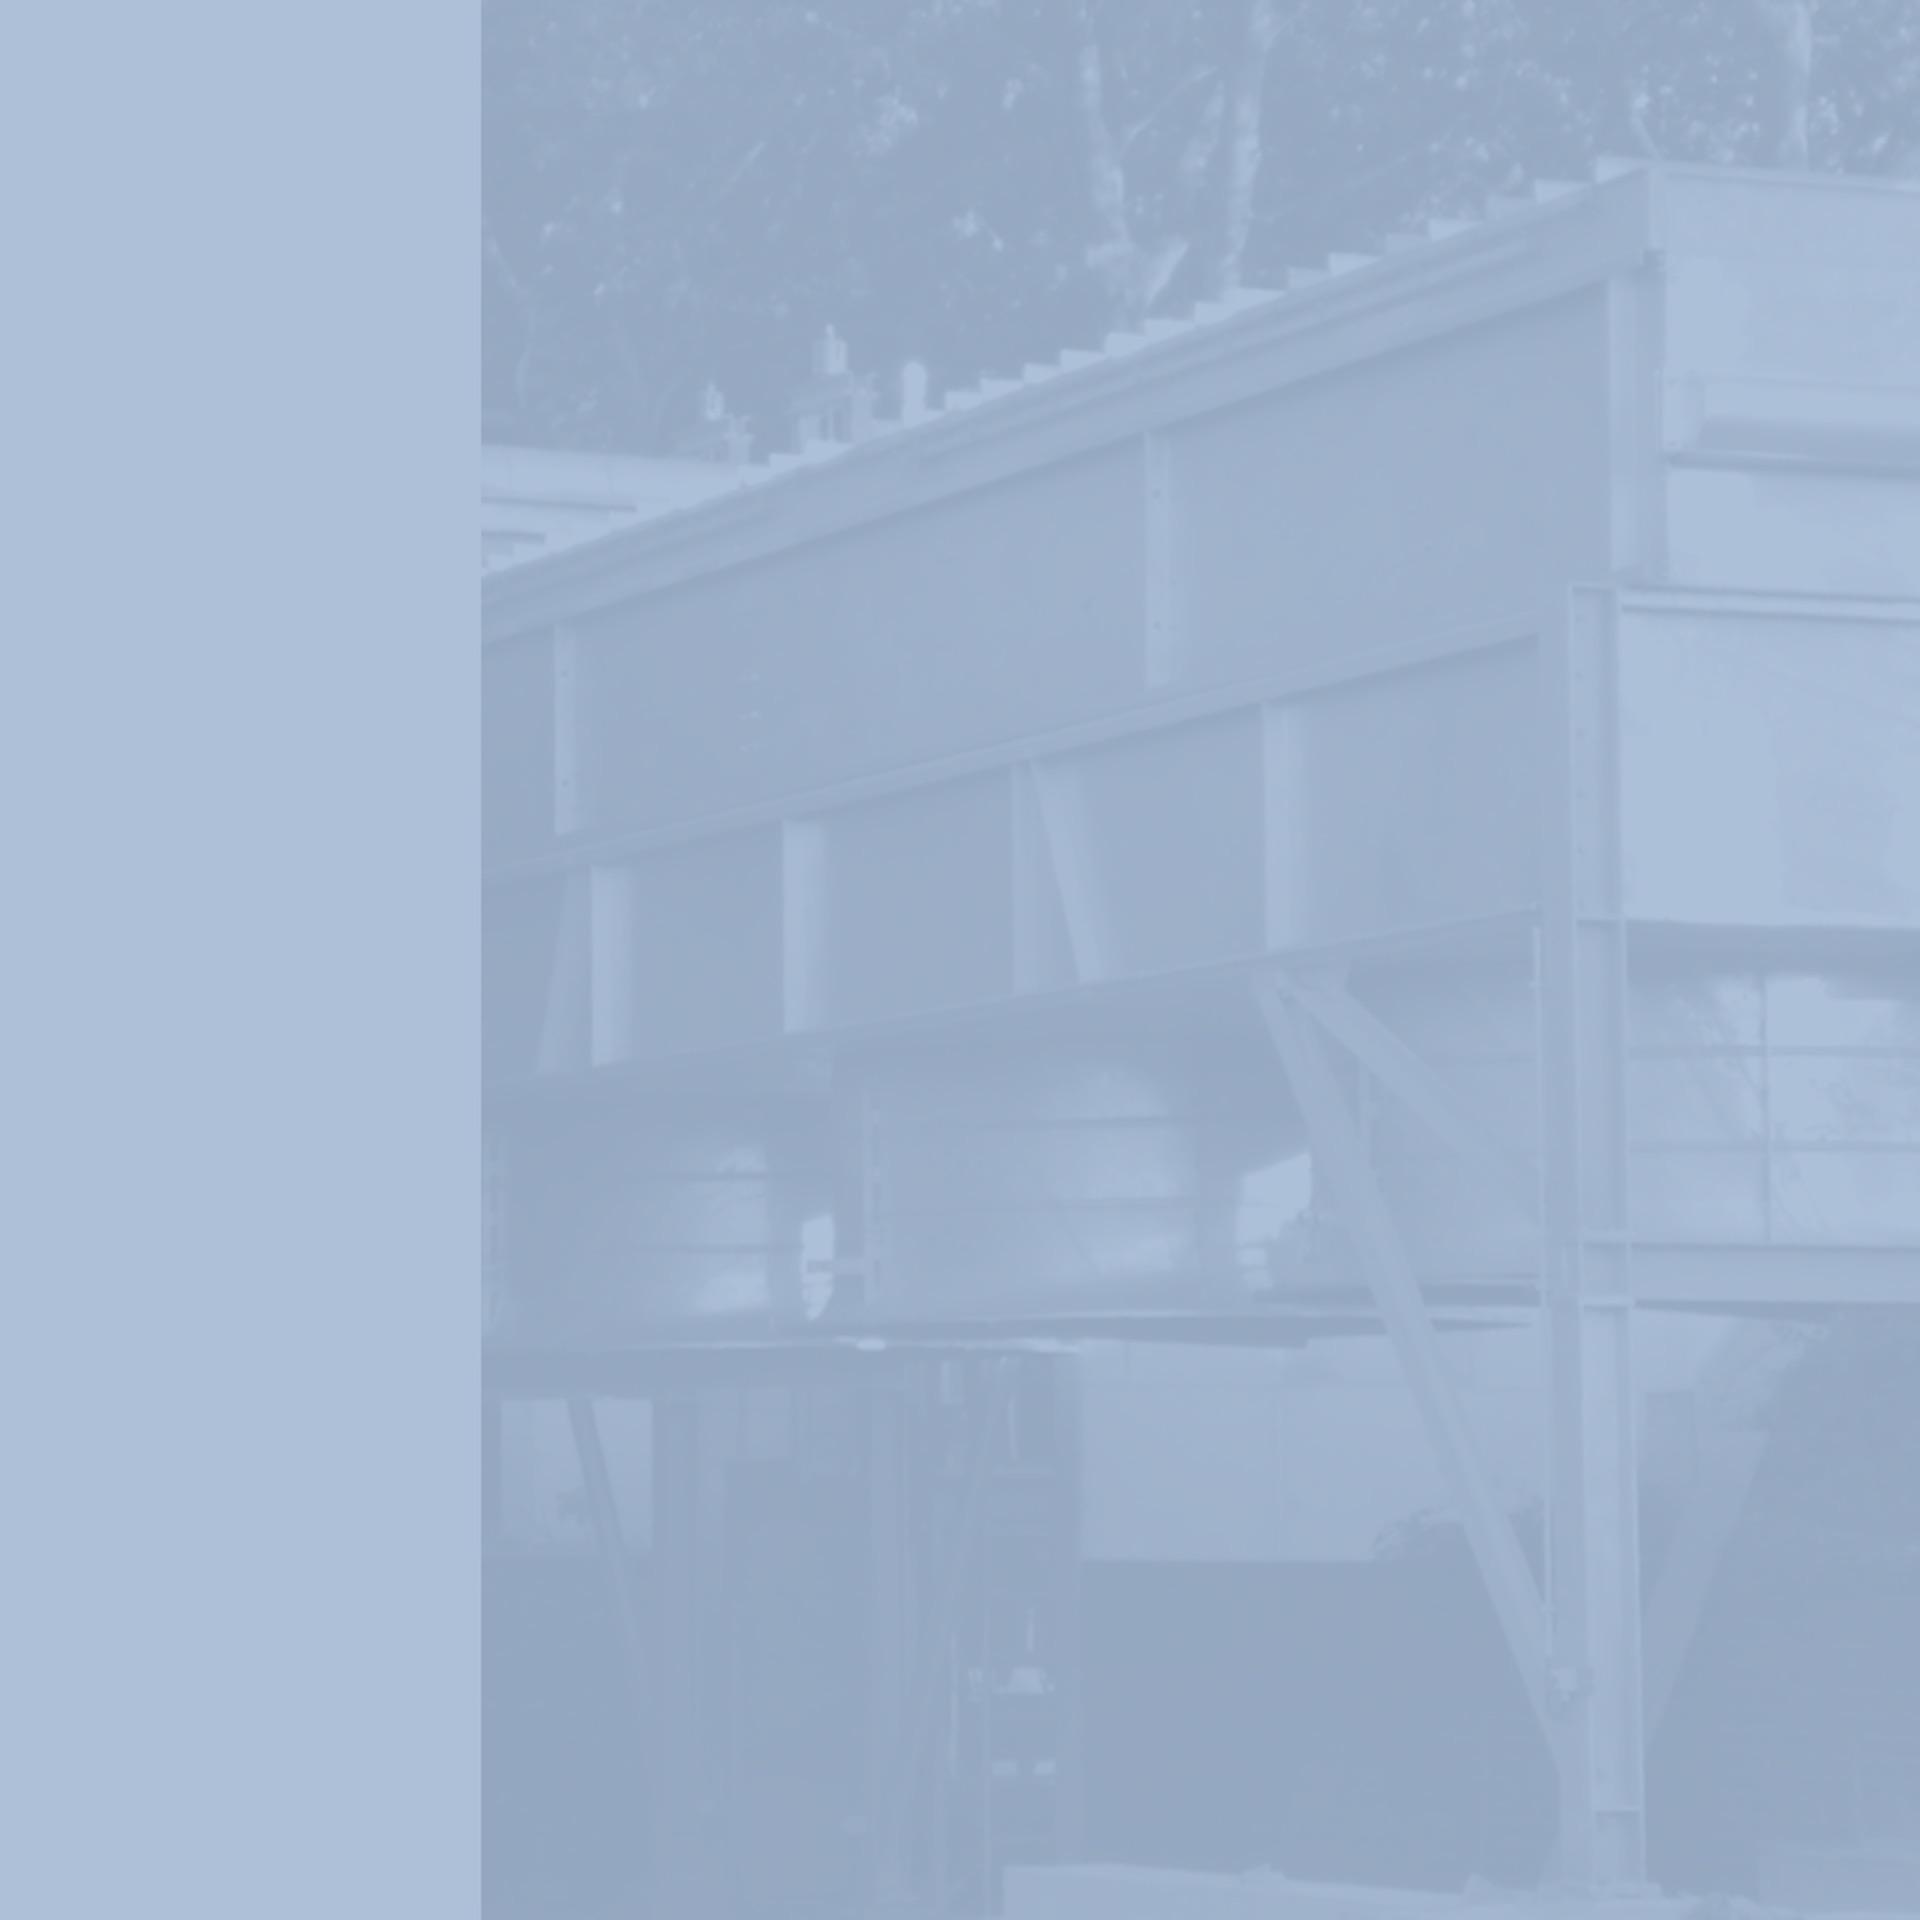 GWA_Kuehlanlagentechnik_Rueckkuehler_mit_Ventilatoren_Rueckkuehler_als_Hilfskondensator_Gesellschaft_fuer_Waerme_und_Anlagentechnik_monochrom